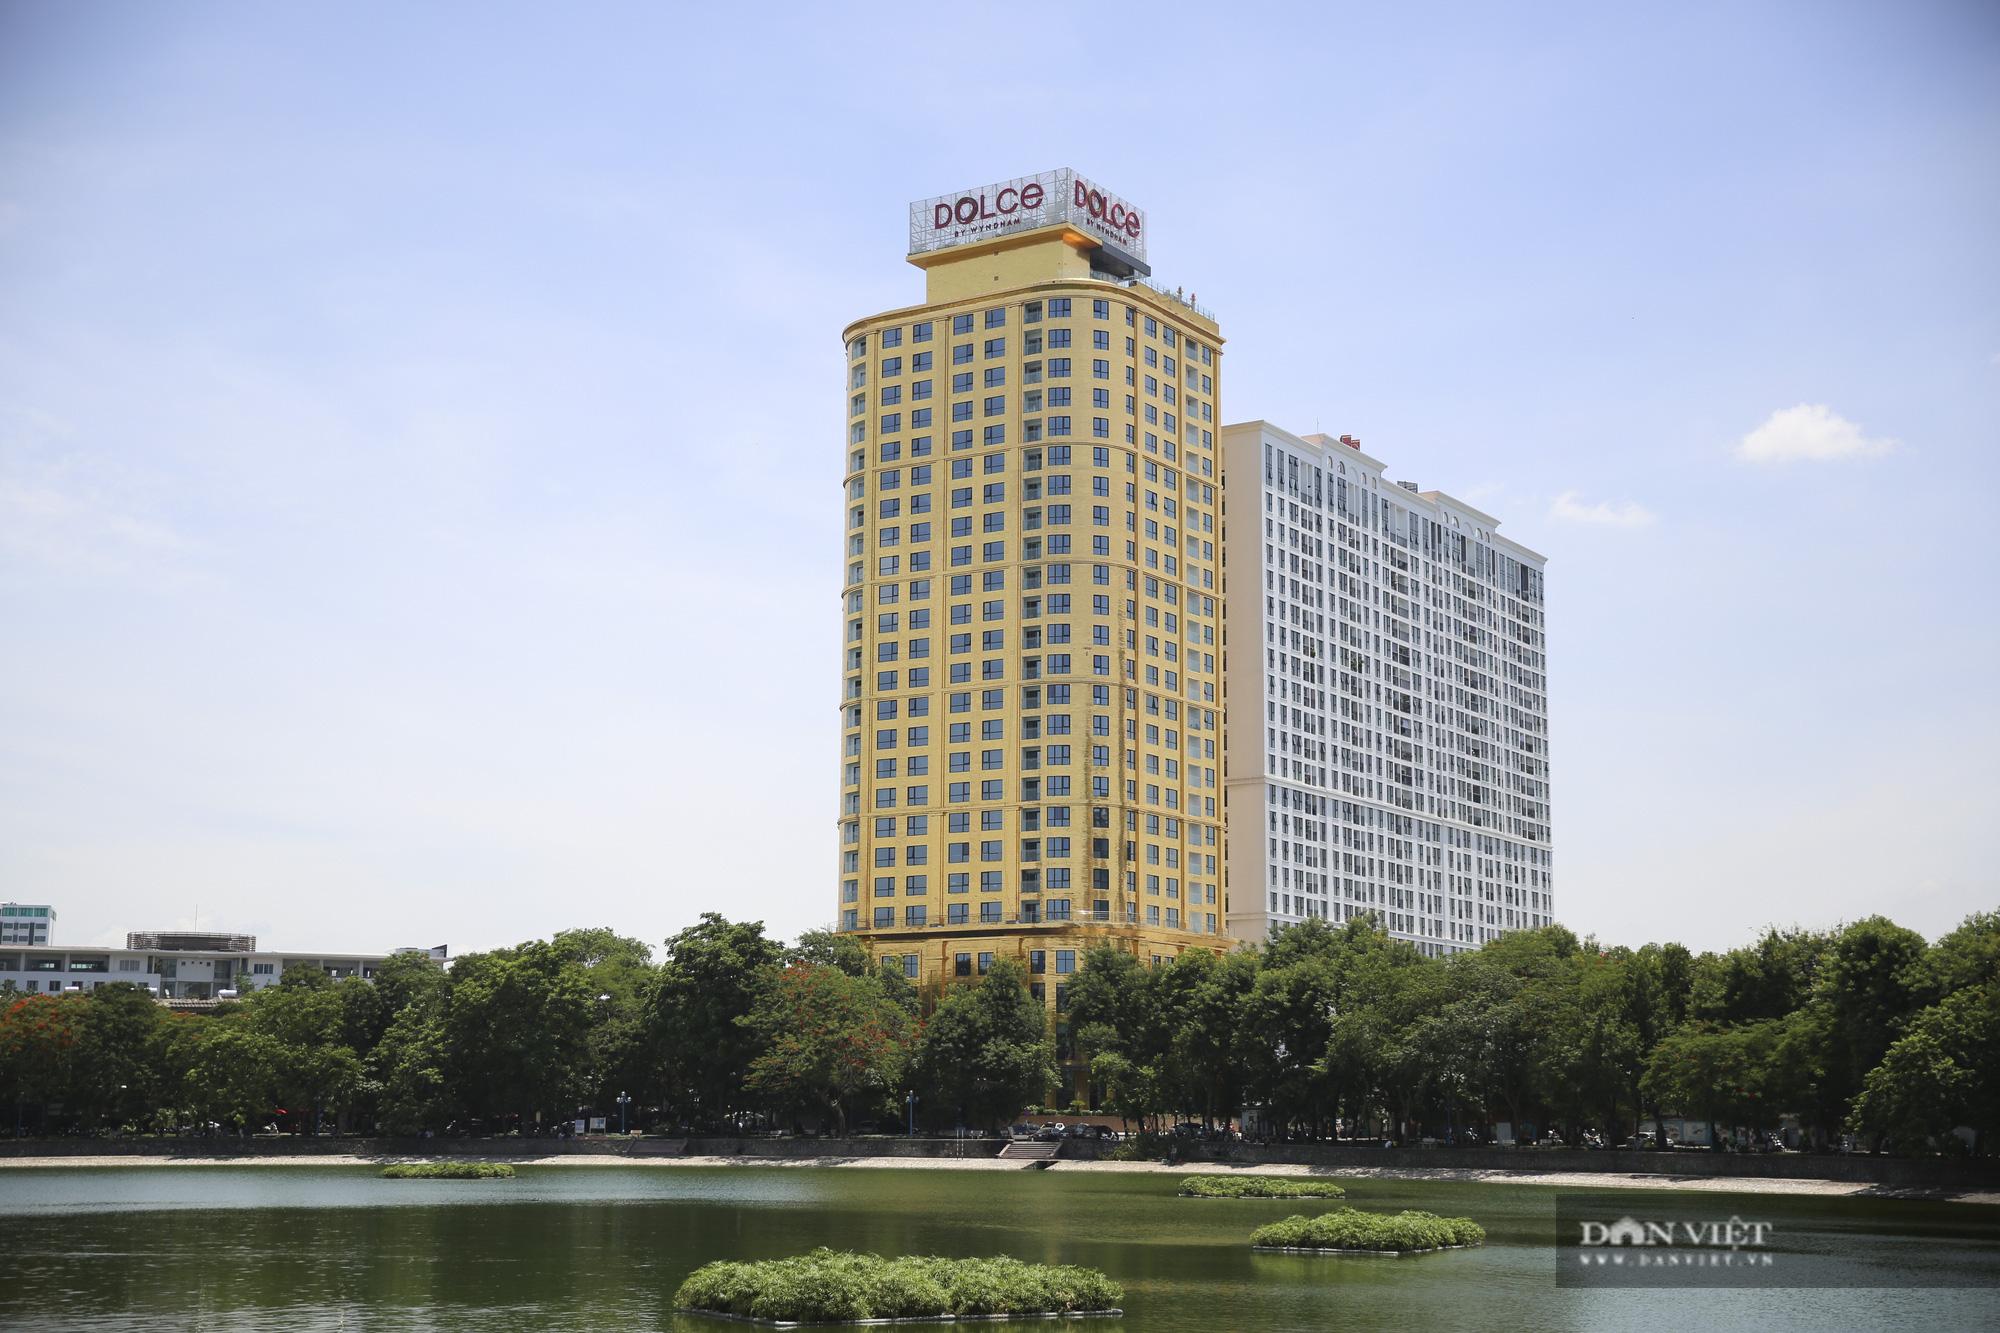 Cận cảnh khách sạn đạt kỷ lục dát nhiều vàng 24k nhất thế giới tại Hà Nội  - Ảnh 1.